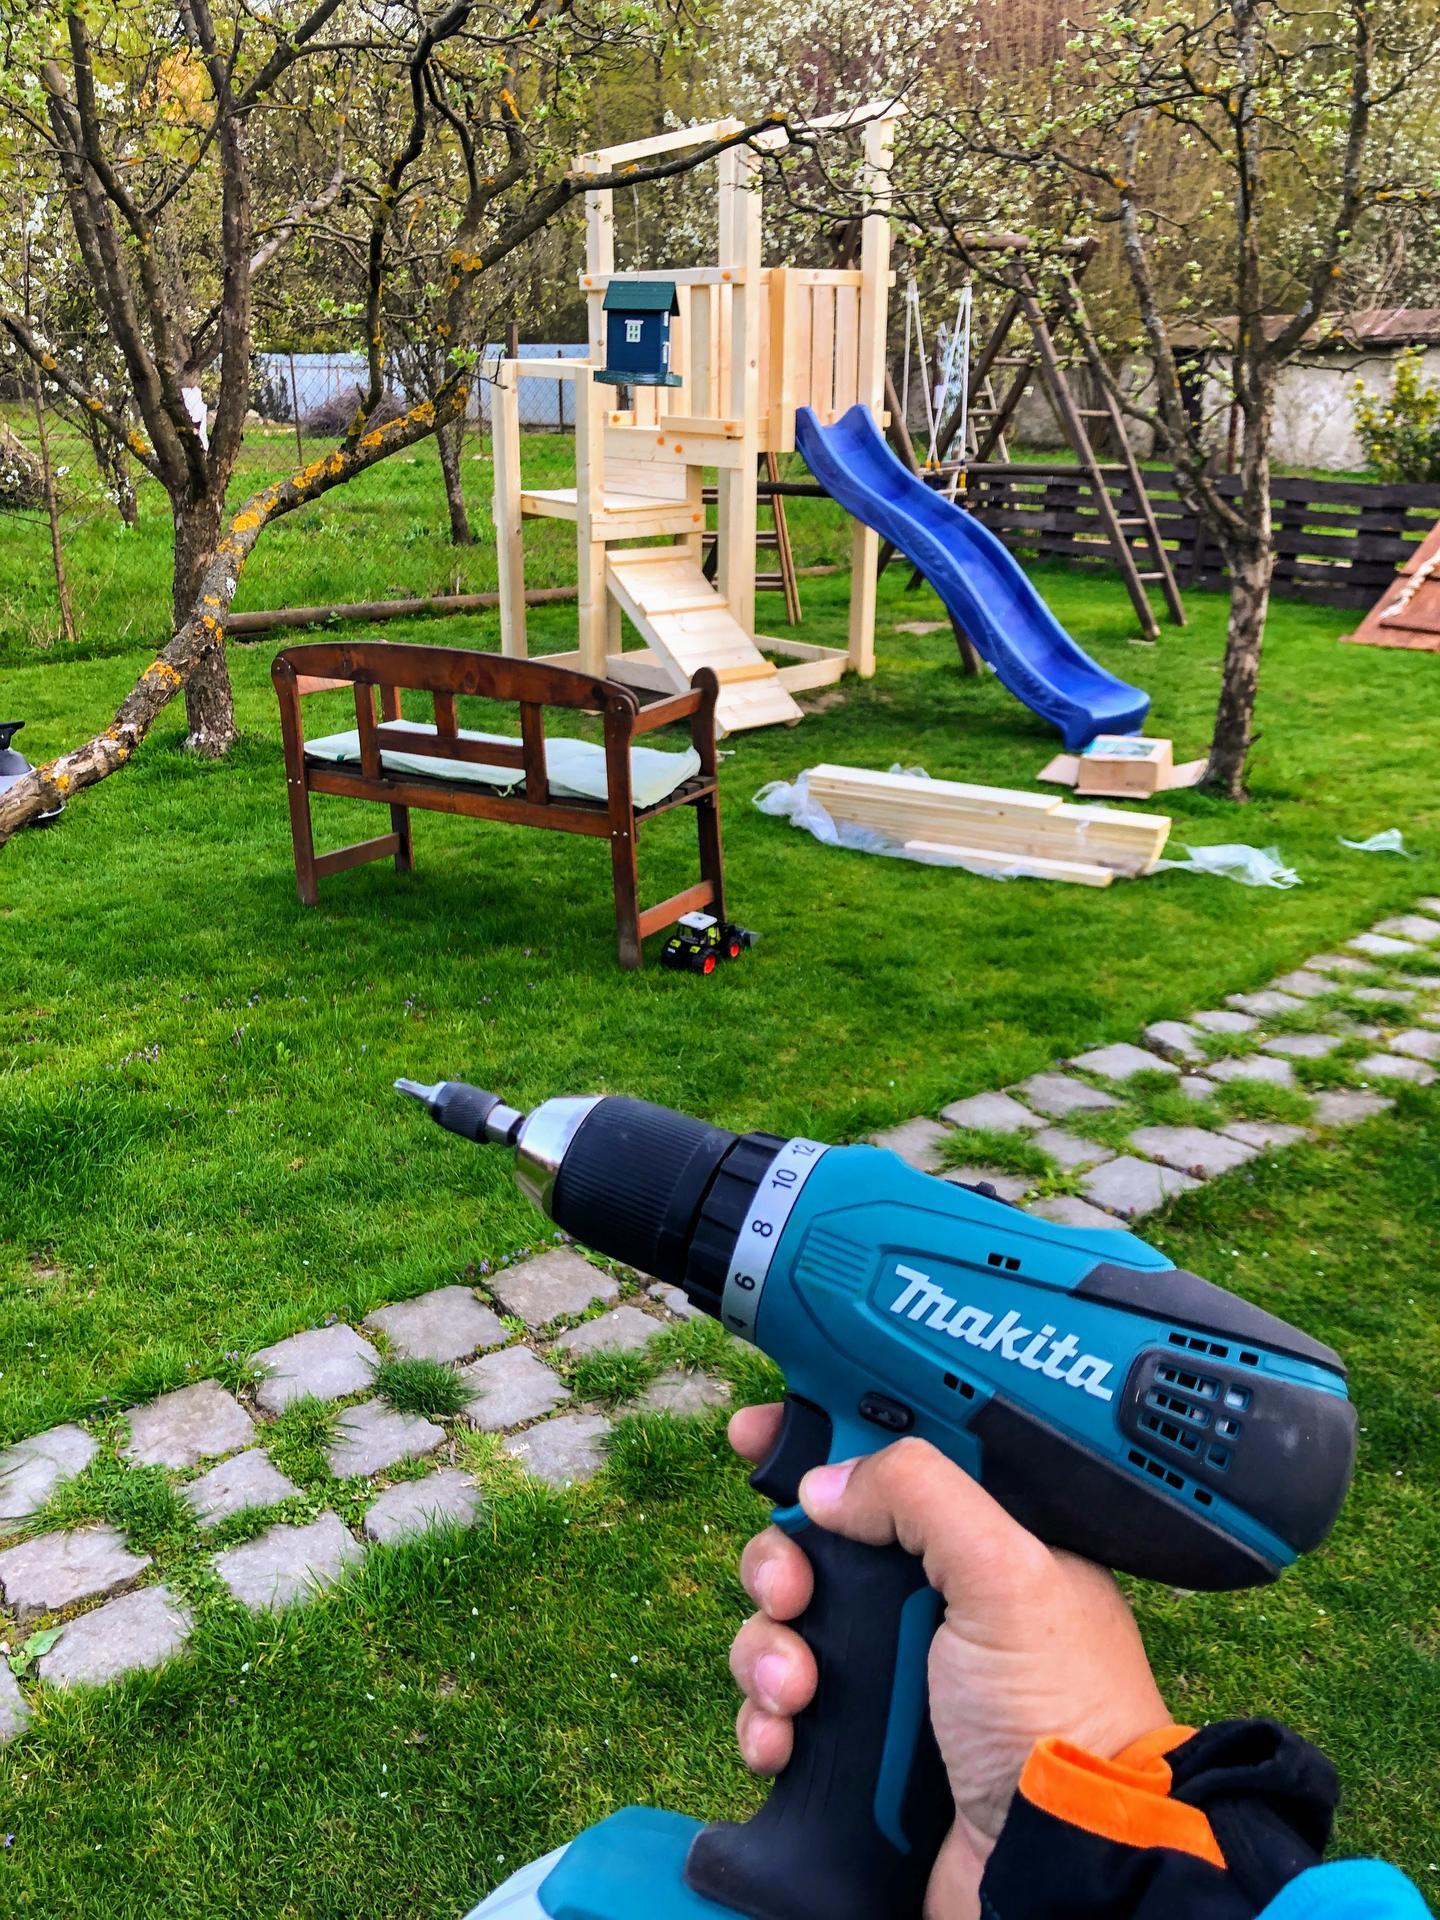 Zahrada a upravy okolo domu - Za 2 vecery sme to realne aj zmakli, made in belgium s poctivym nemeckym navodom. Again, klobuk dole nad kvalitou a bezpecnostou